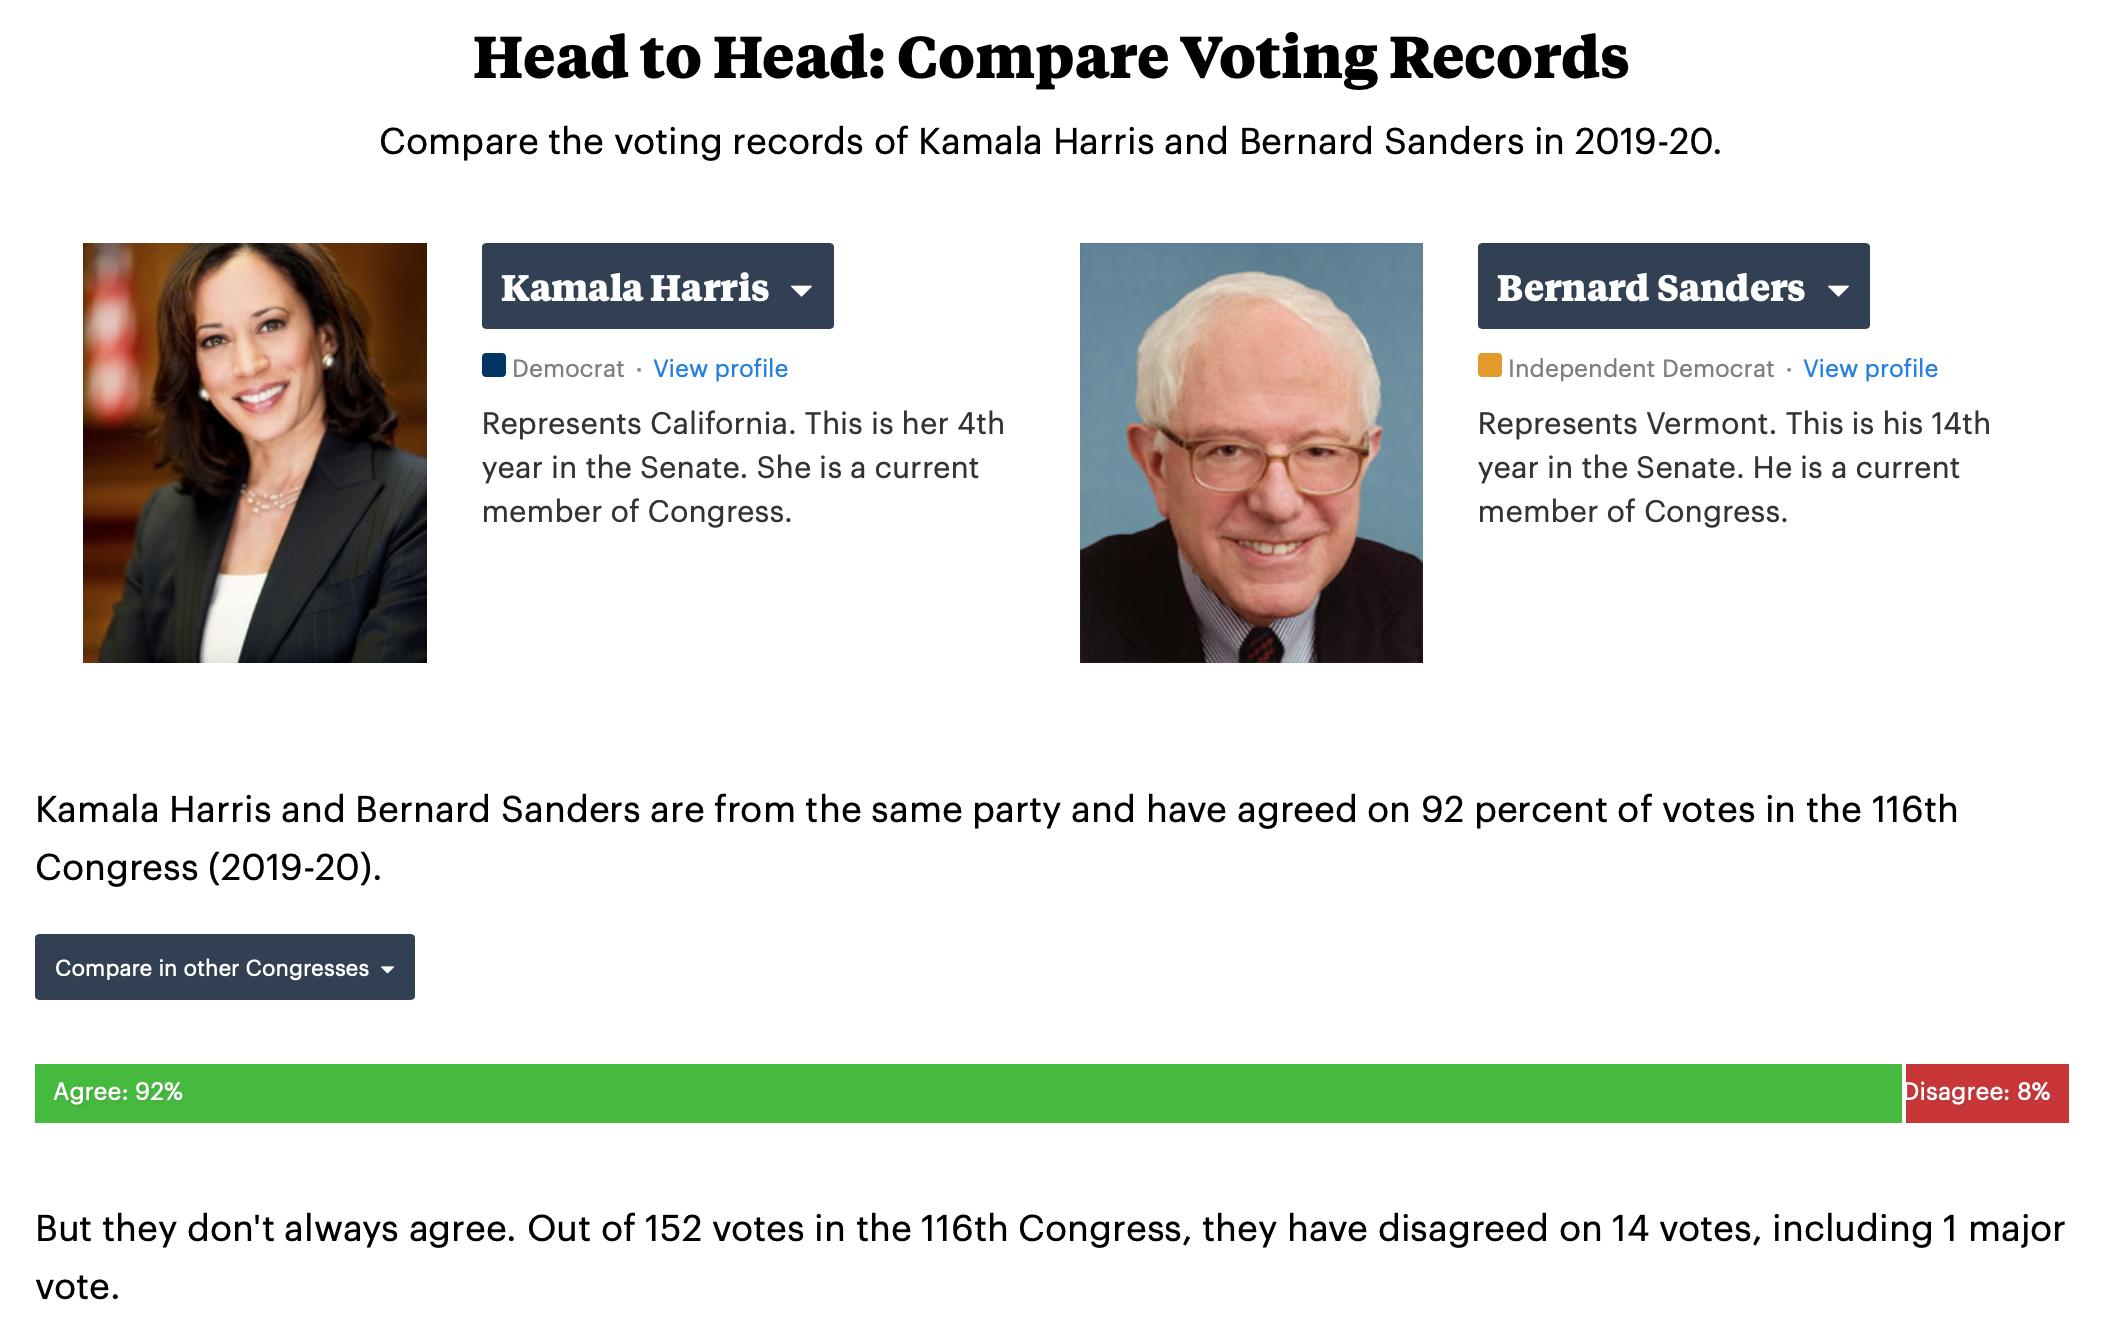 Harris v. Sanders